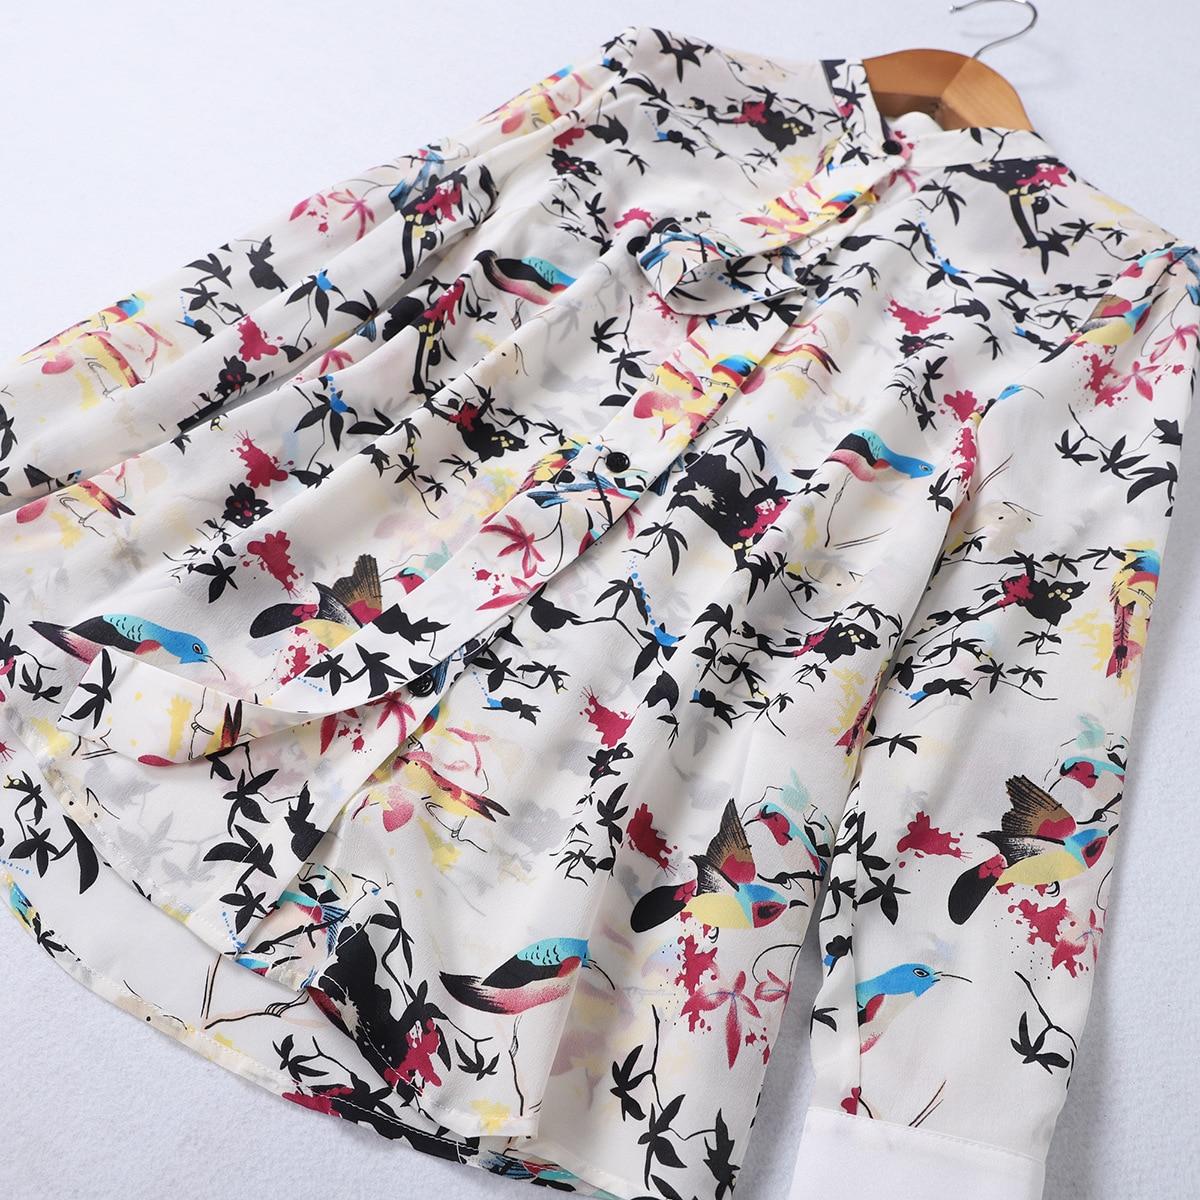 Picture Pour Chemisiers Printemps Tcyeek Mode Femmes De Floral 100 Hauts Manches Élégant As En Coréen Réel Chemisier Vêtements Lwl1820 Soie Dames Longues Xw1wYpq